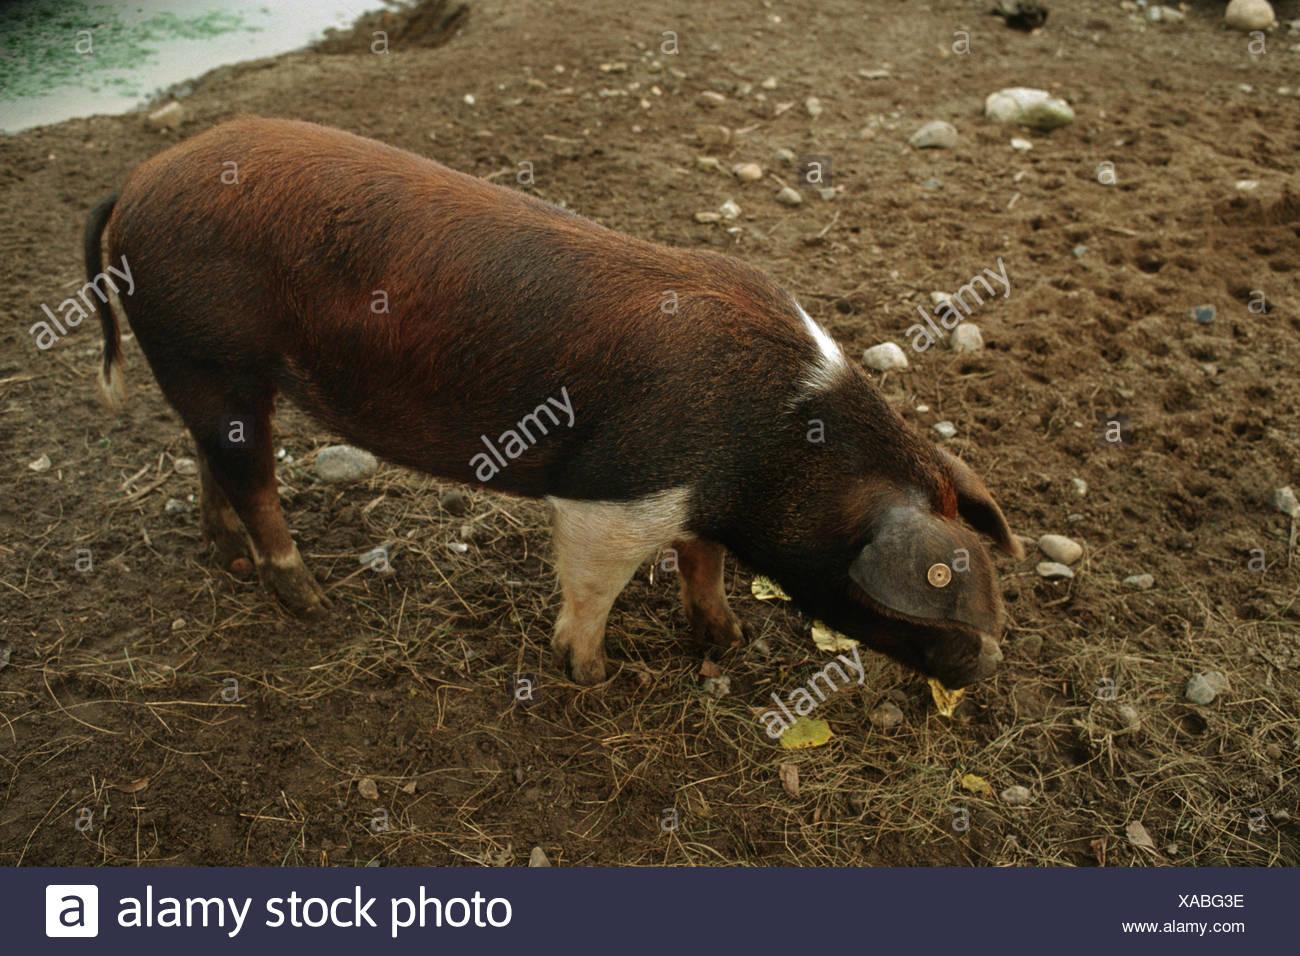 Protestation danois Porc (Sus scrofa domestica), f. à la recherche de nourriture sur un sol sol Photo Stock